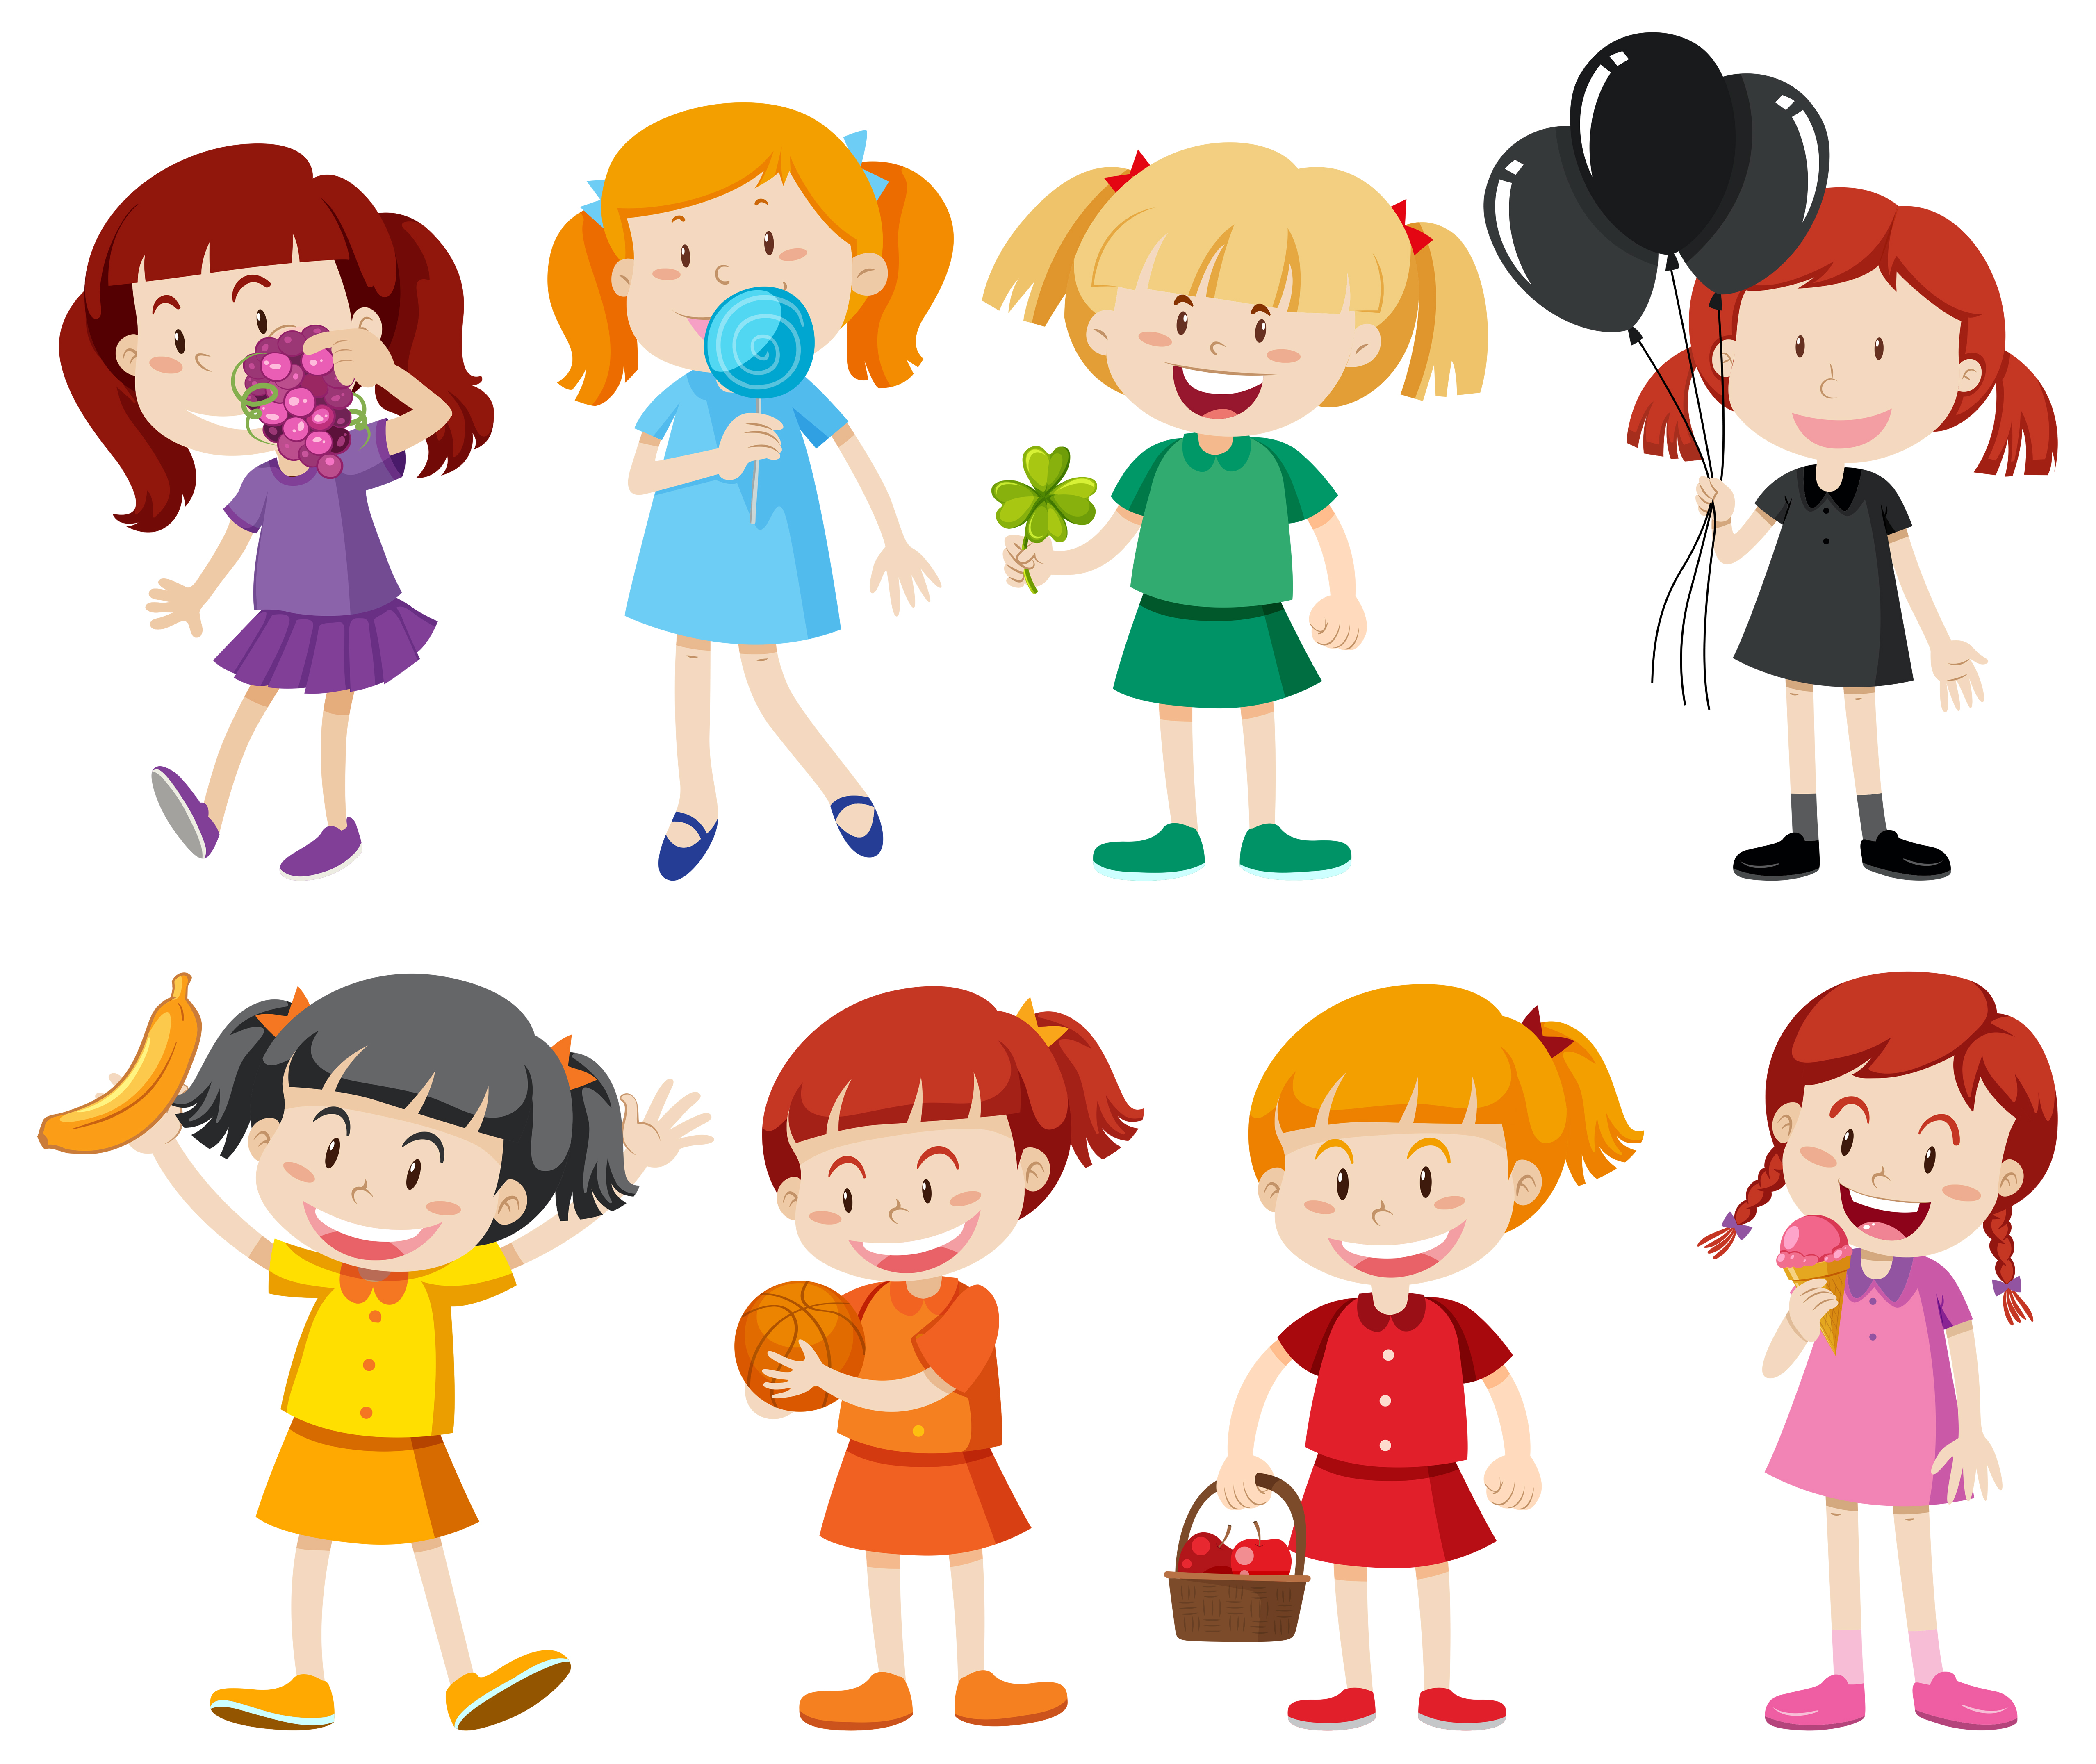 3860b1f2b069 Chicas en camisetas de diferentes colores. - Descargue Gráficos y Vectores  Gratis